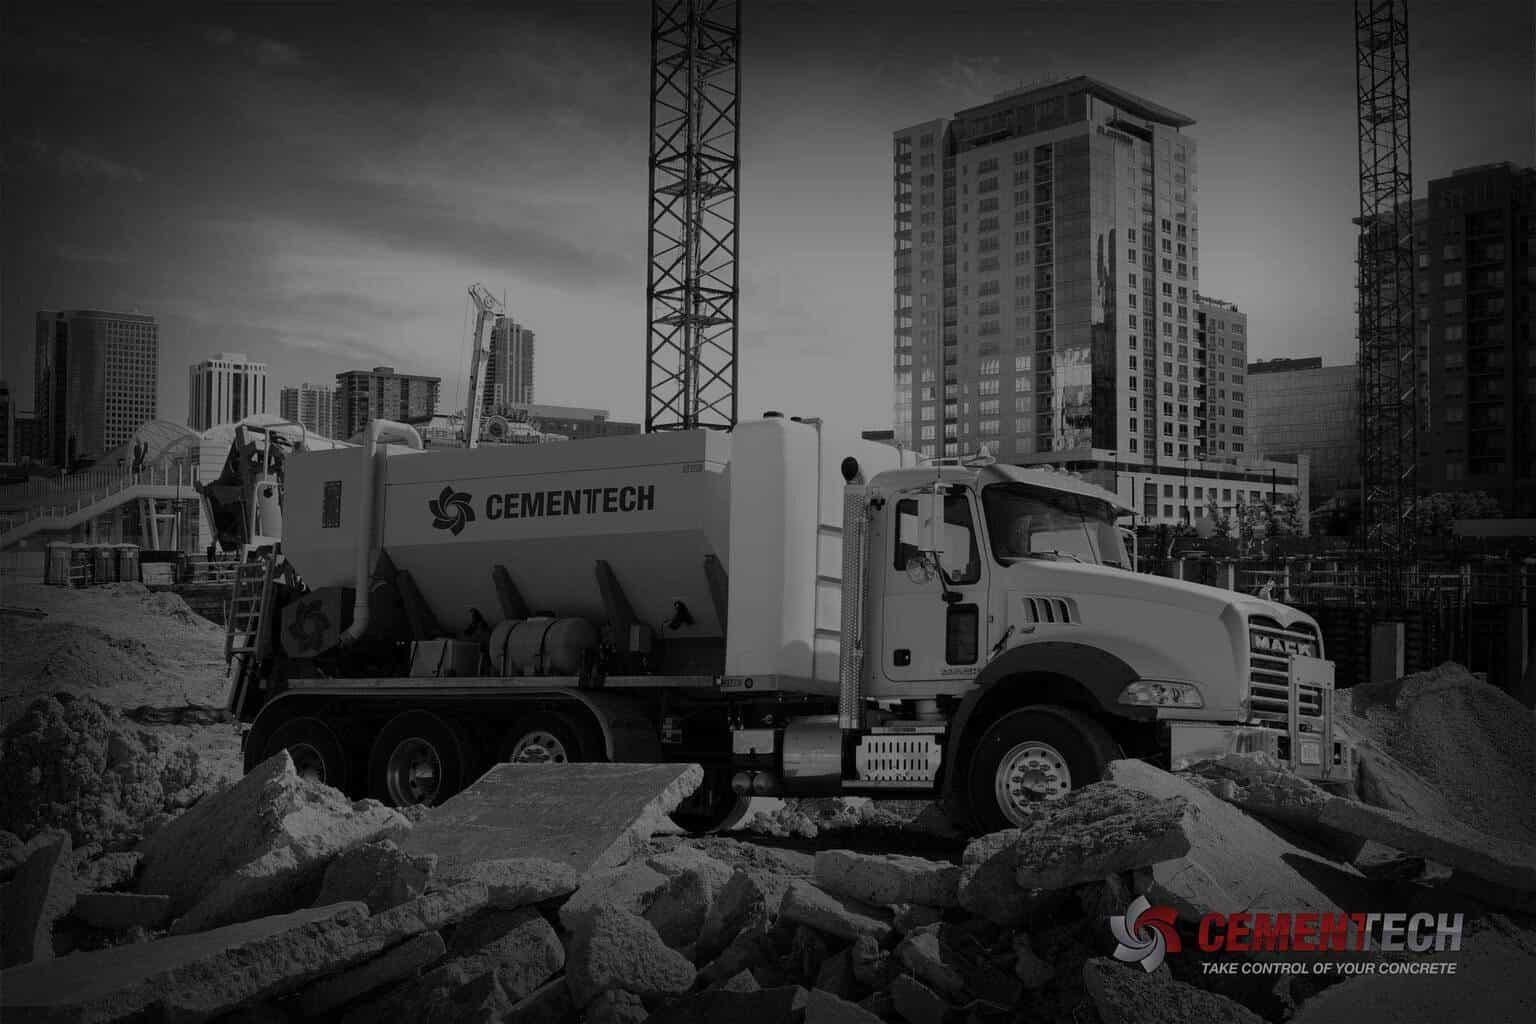 Cementech Truck at a construction site